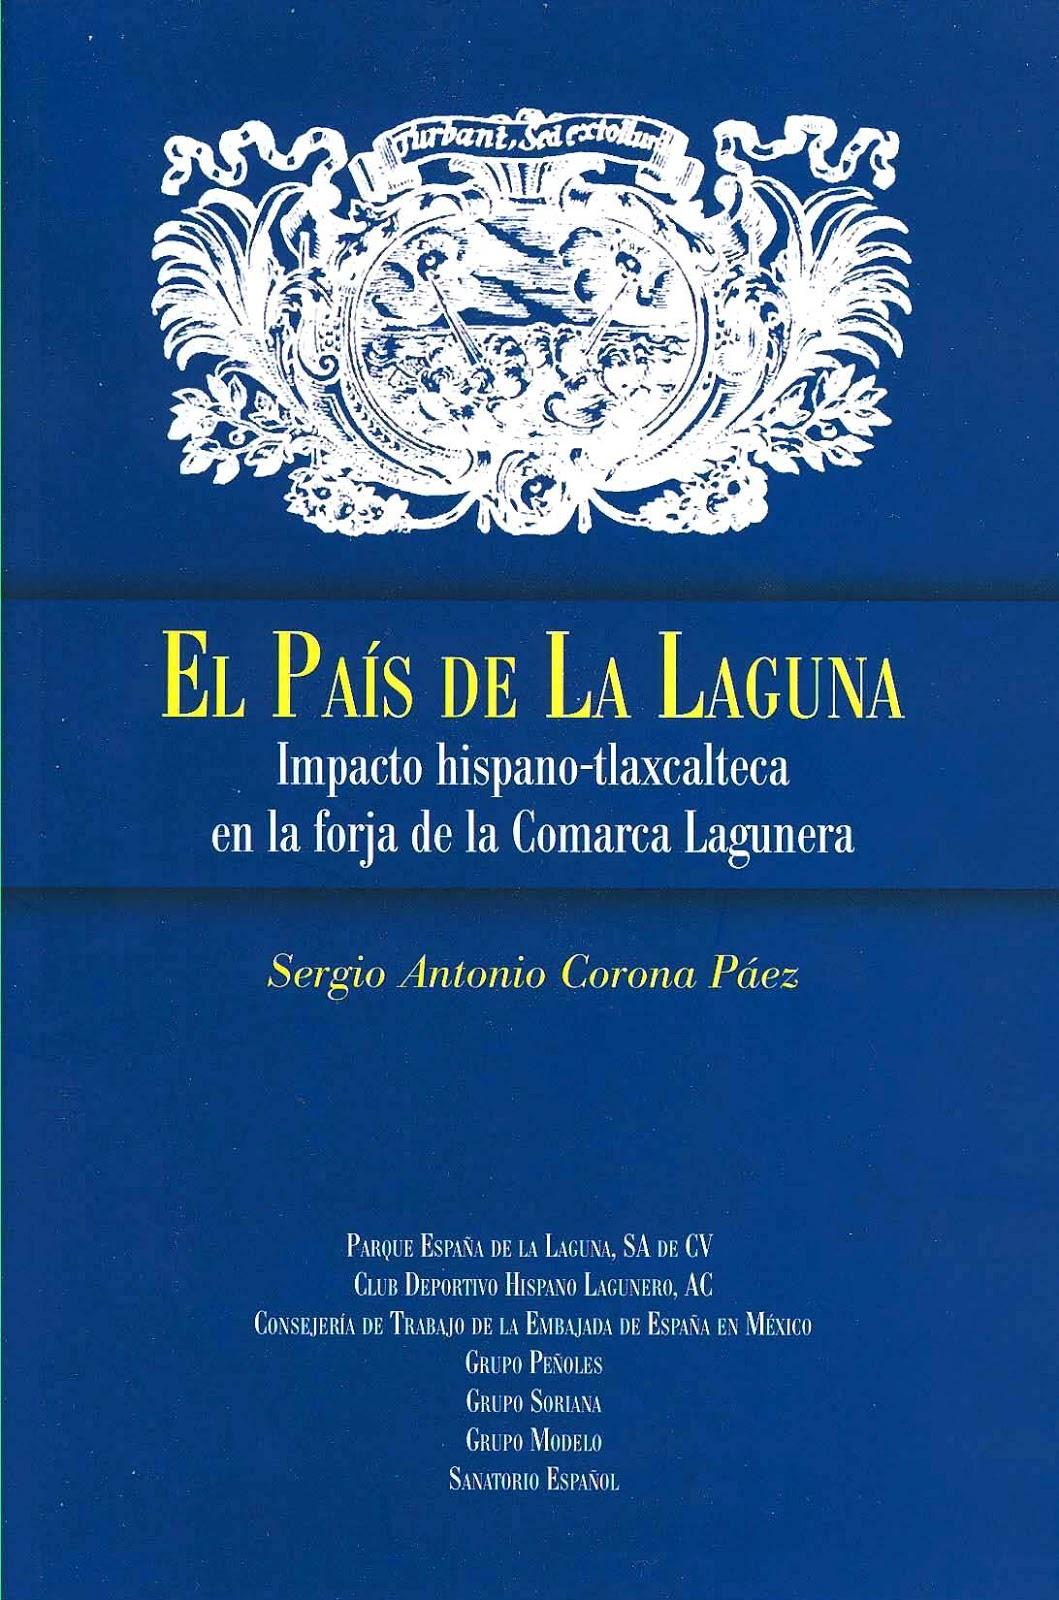 Crónica de Torreón: Libro digital de la Ibero Torreón, gratis.